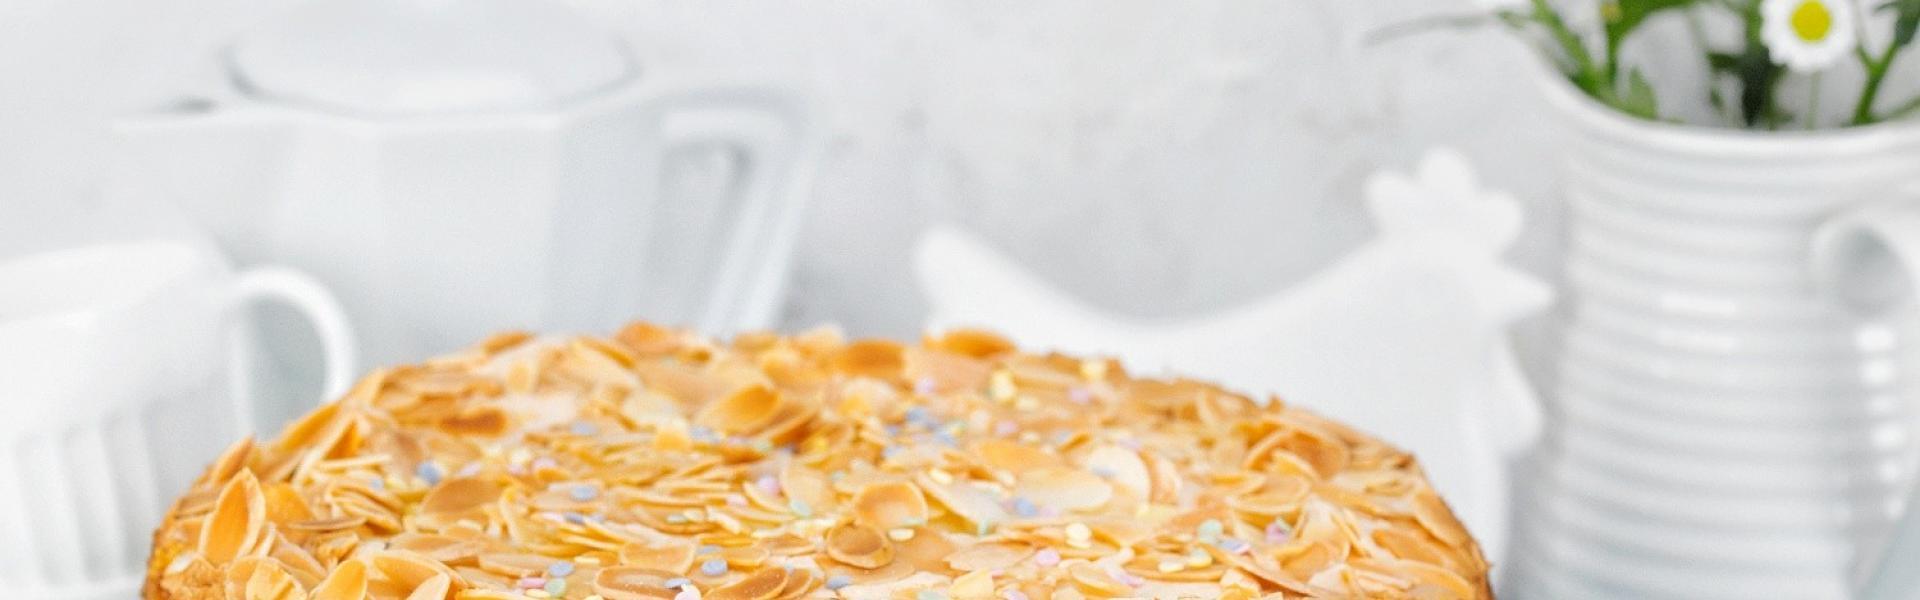 Ostertorte mit Stachelbeeren angerichtet auf einer Etagere.